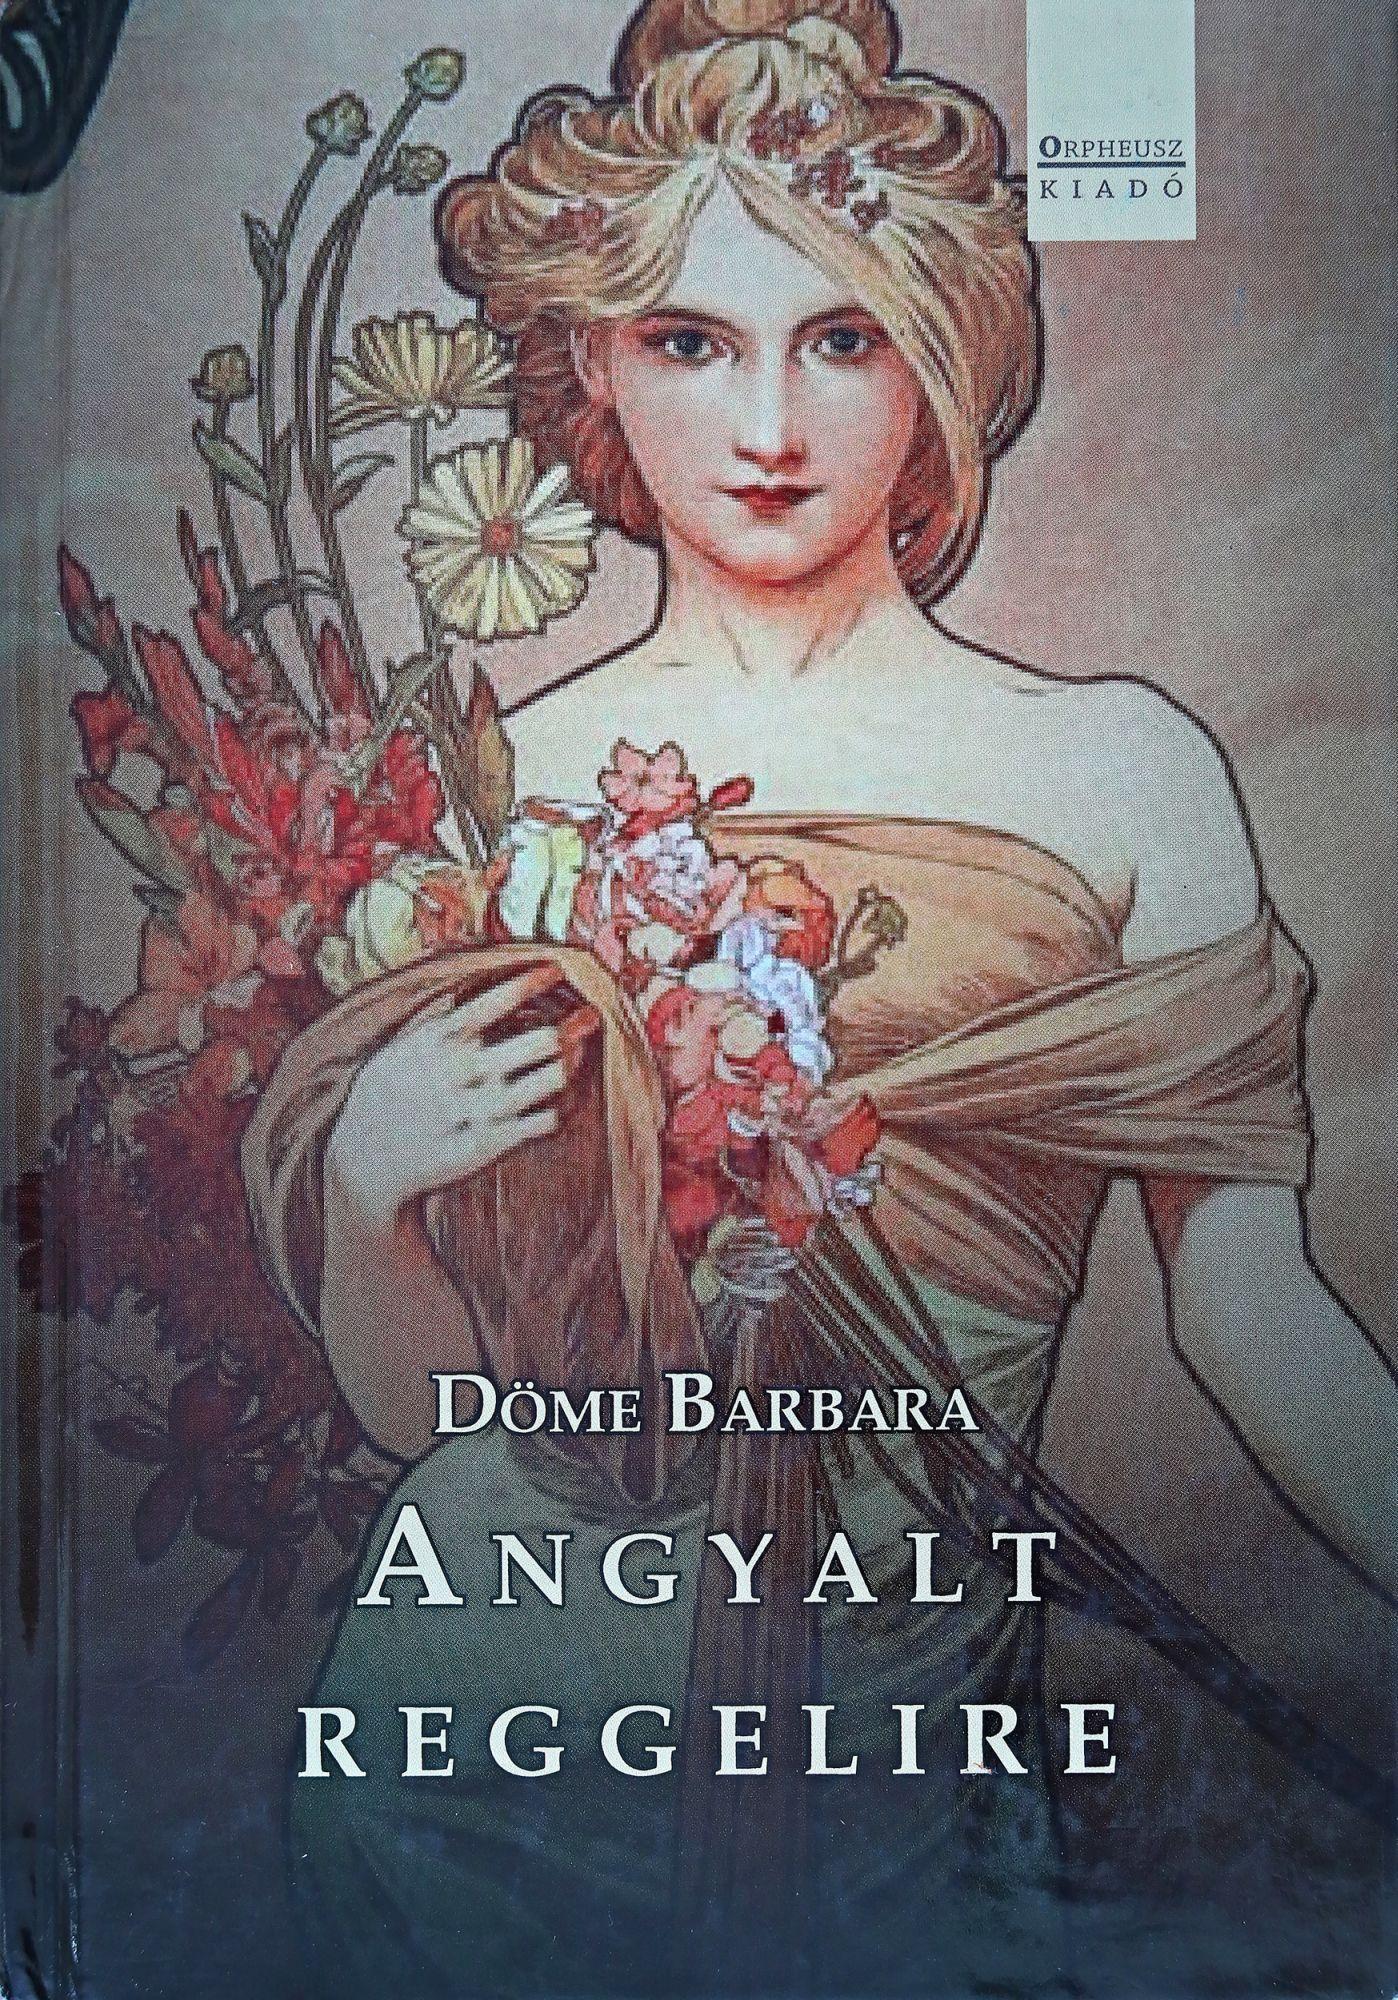 Döme Barbara: Angyalt reggelire